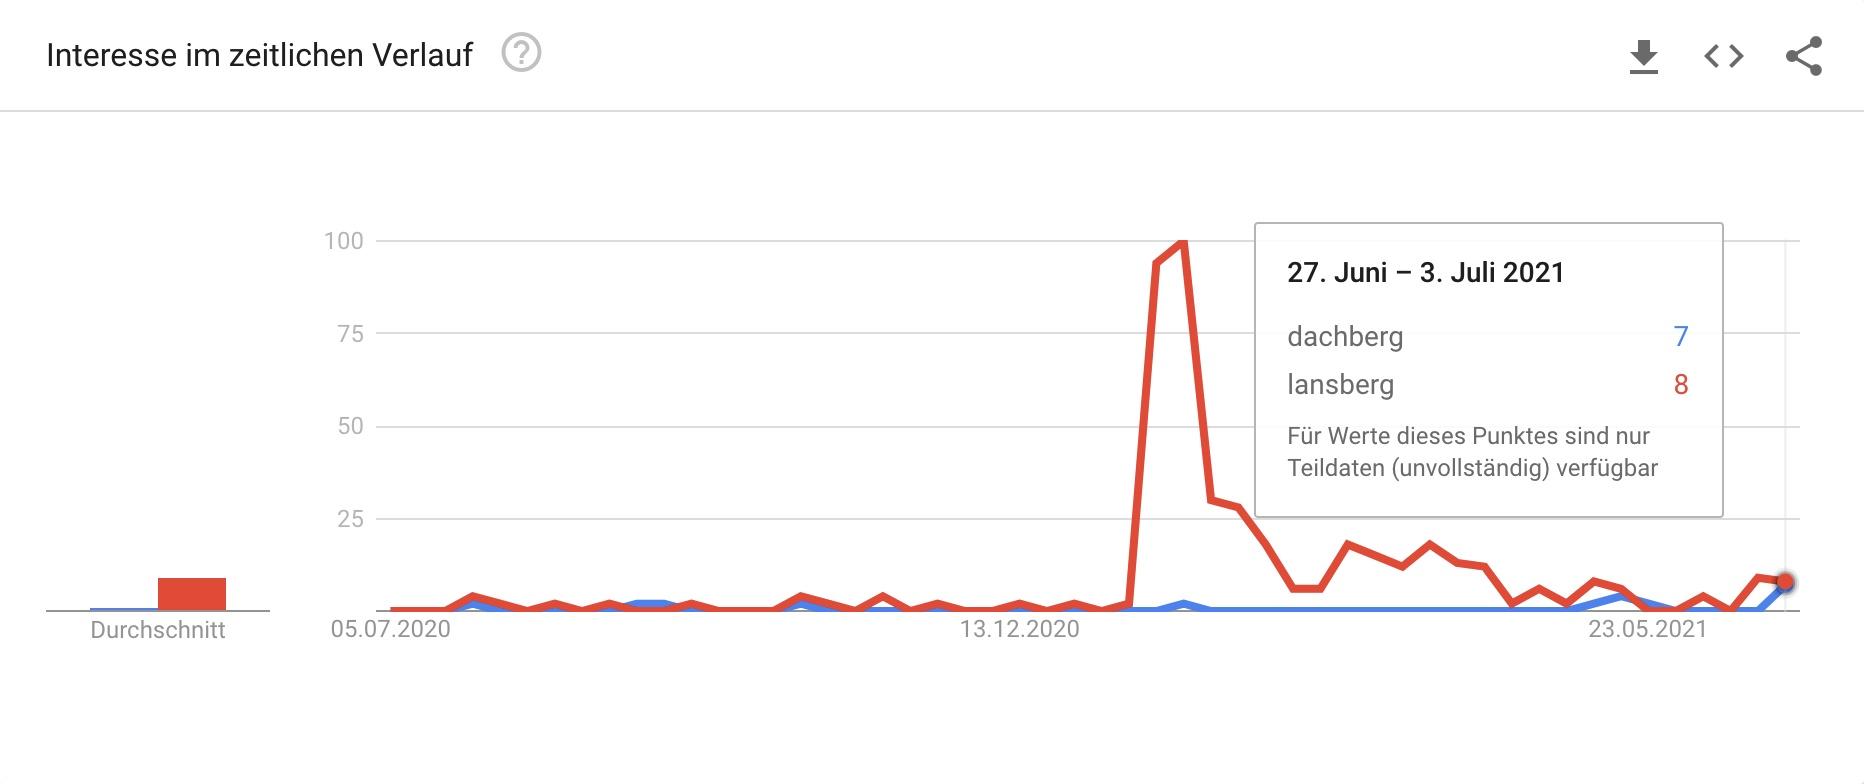 """Suchanfragen nach """"dachberg"""" und """"lansberg"""" bei Google Trends"""